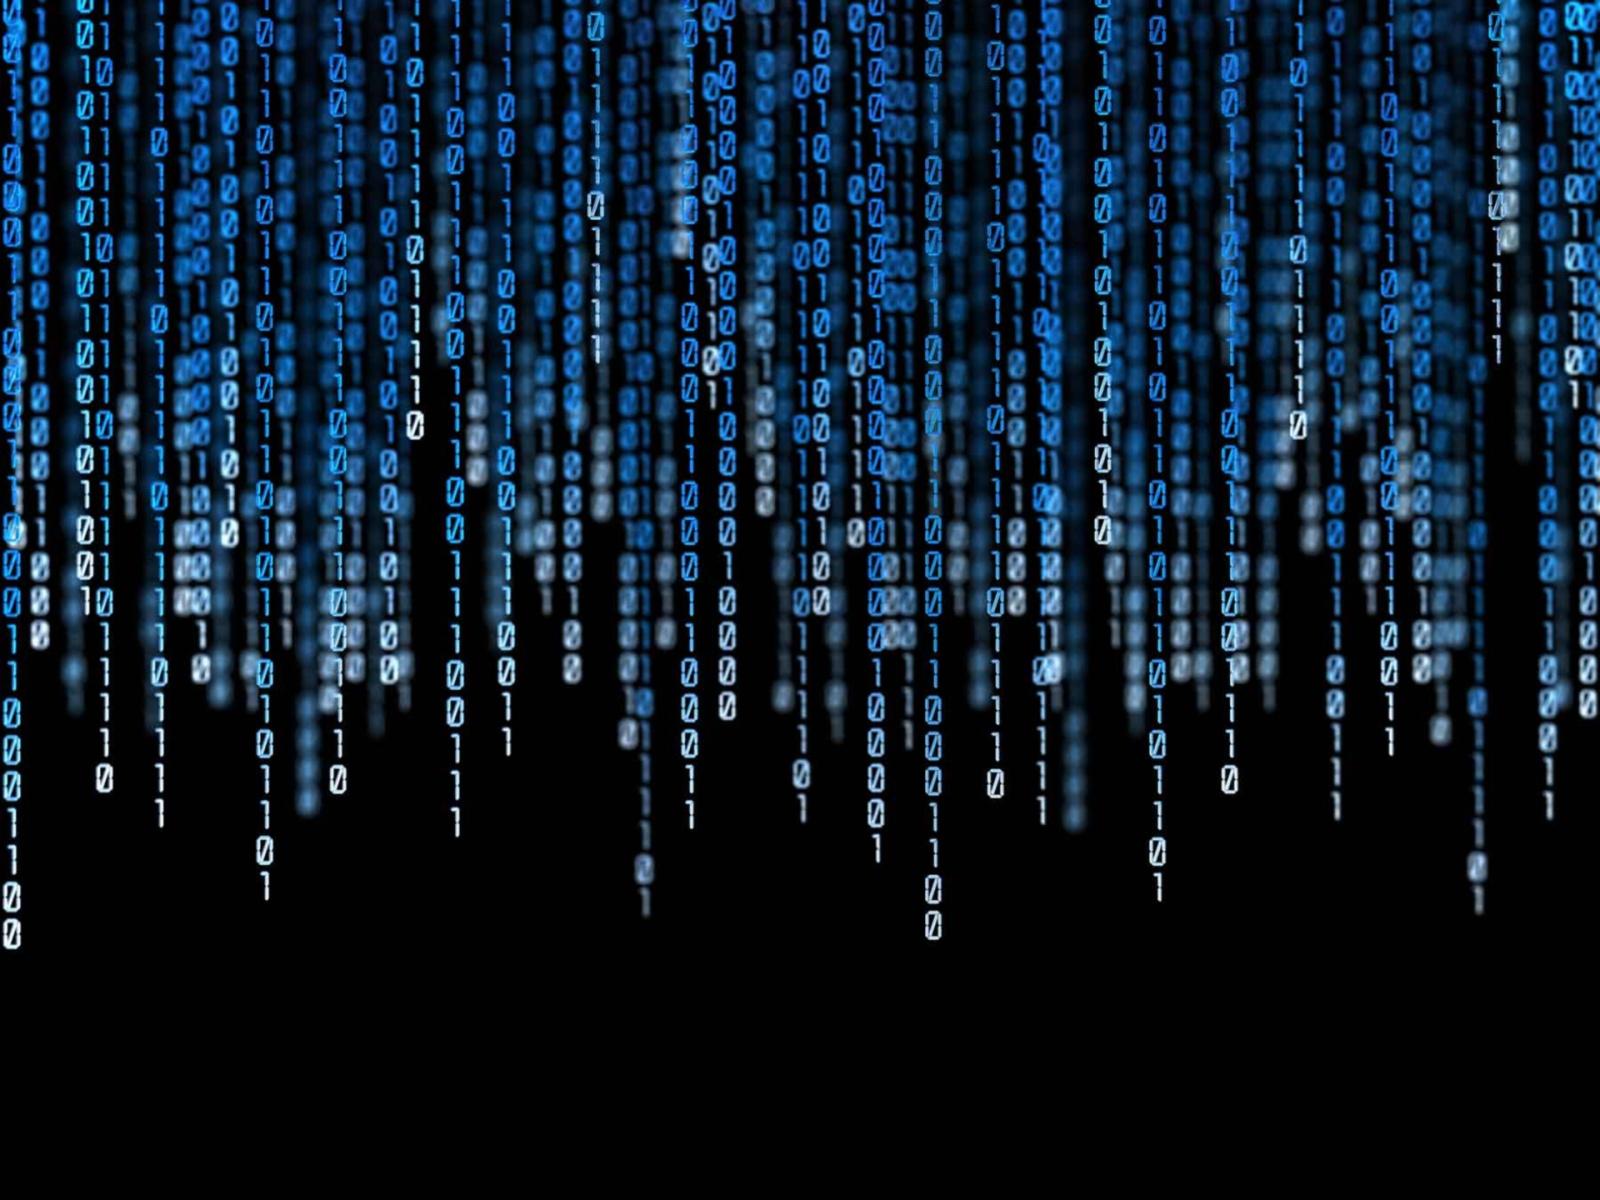 programming computer wallpapers desktop - photo #4